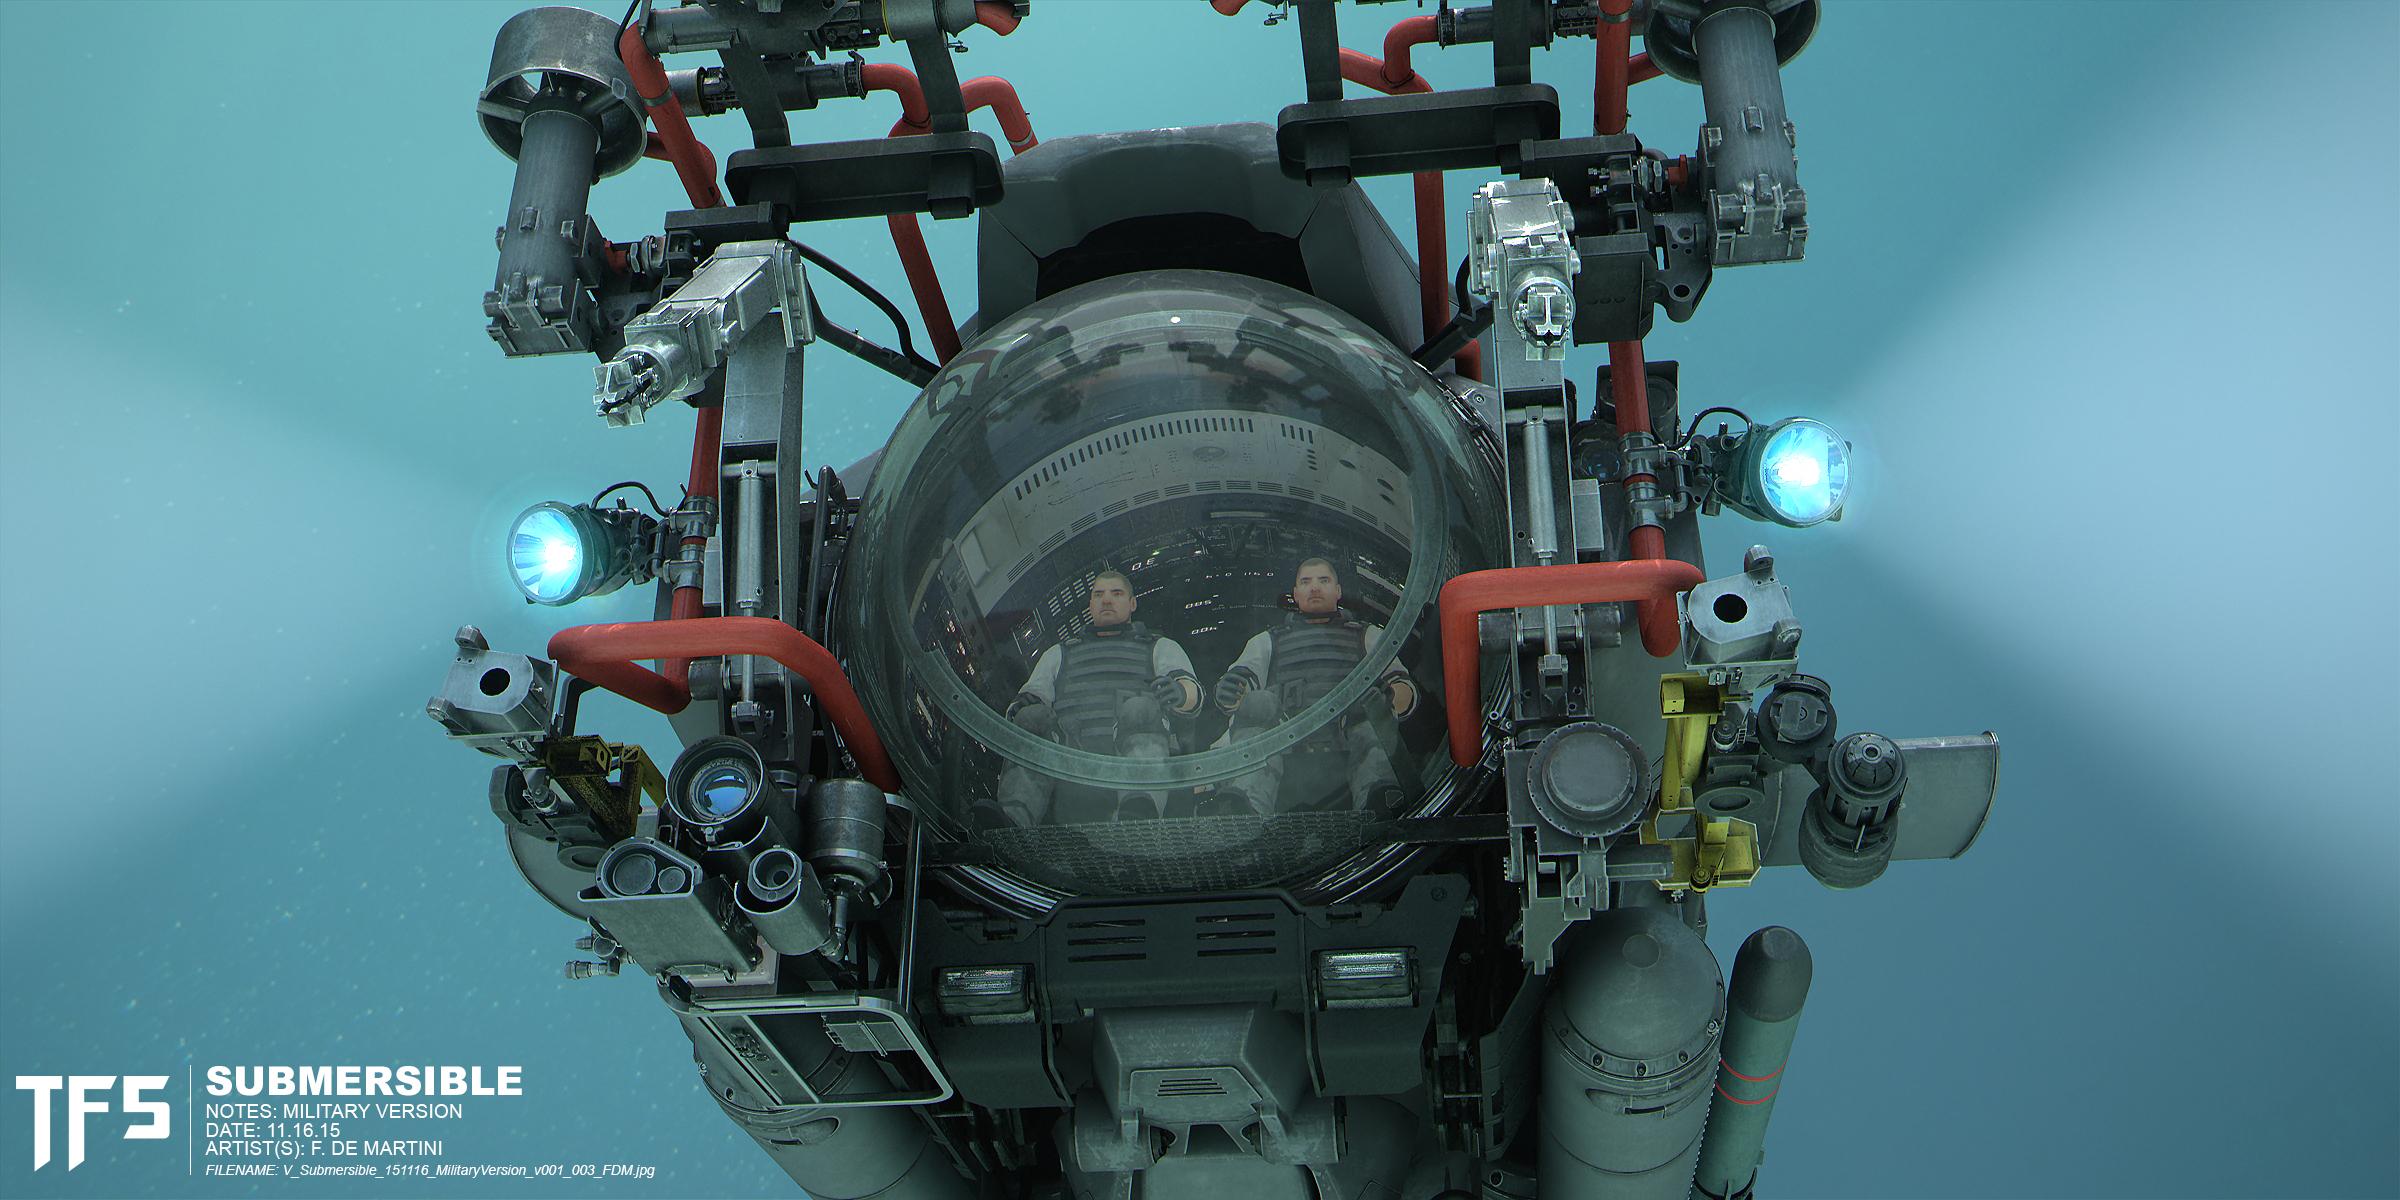 V_Submersible_151116_MilitaryVersion_v001_003_FDM.jpg